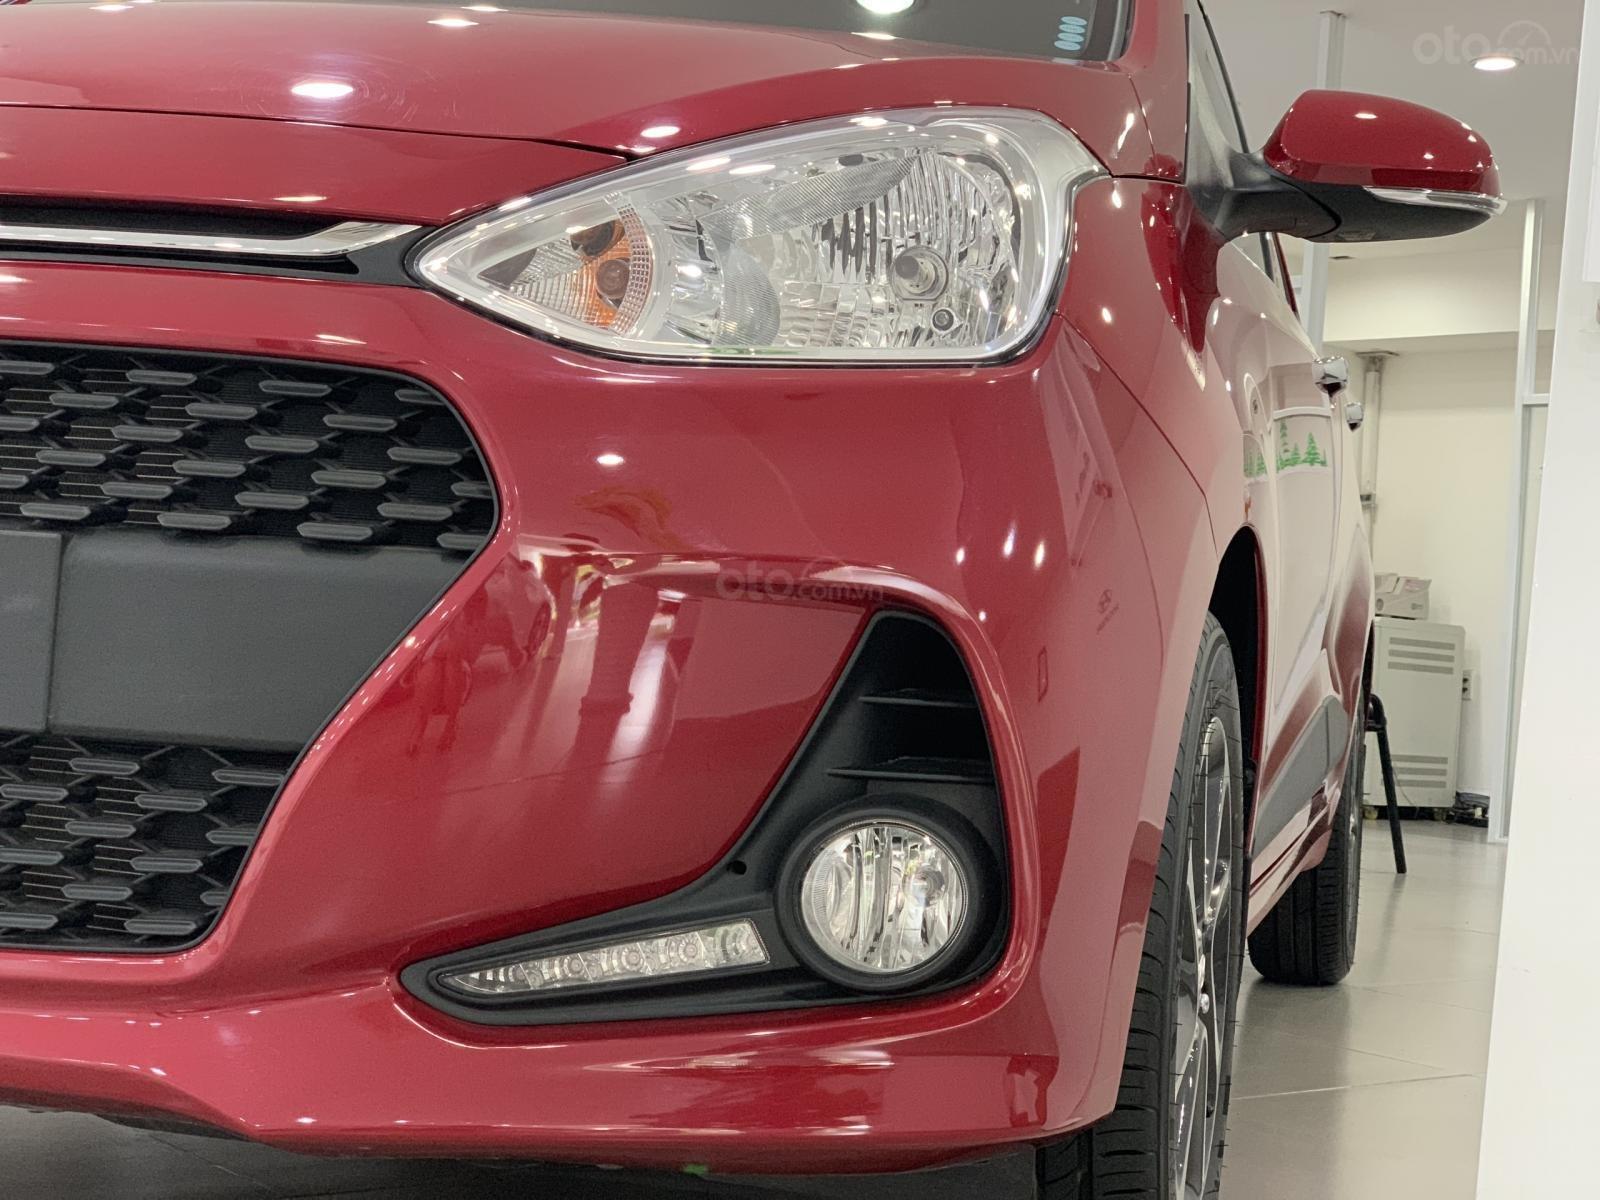 Bán Hyundai Grand I10 bán đúng giá - nhiều quà - hỗ trợ vay linh hoạt - hỗ trợ vào Grab nhanh (6)